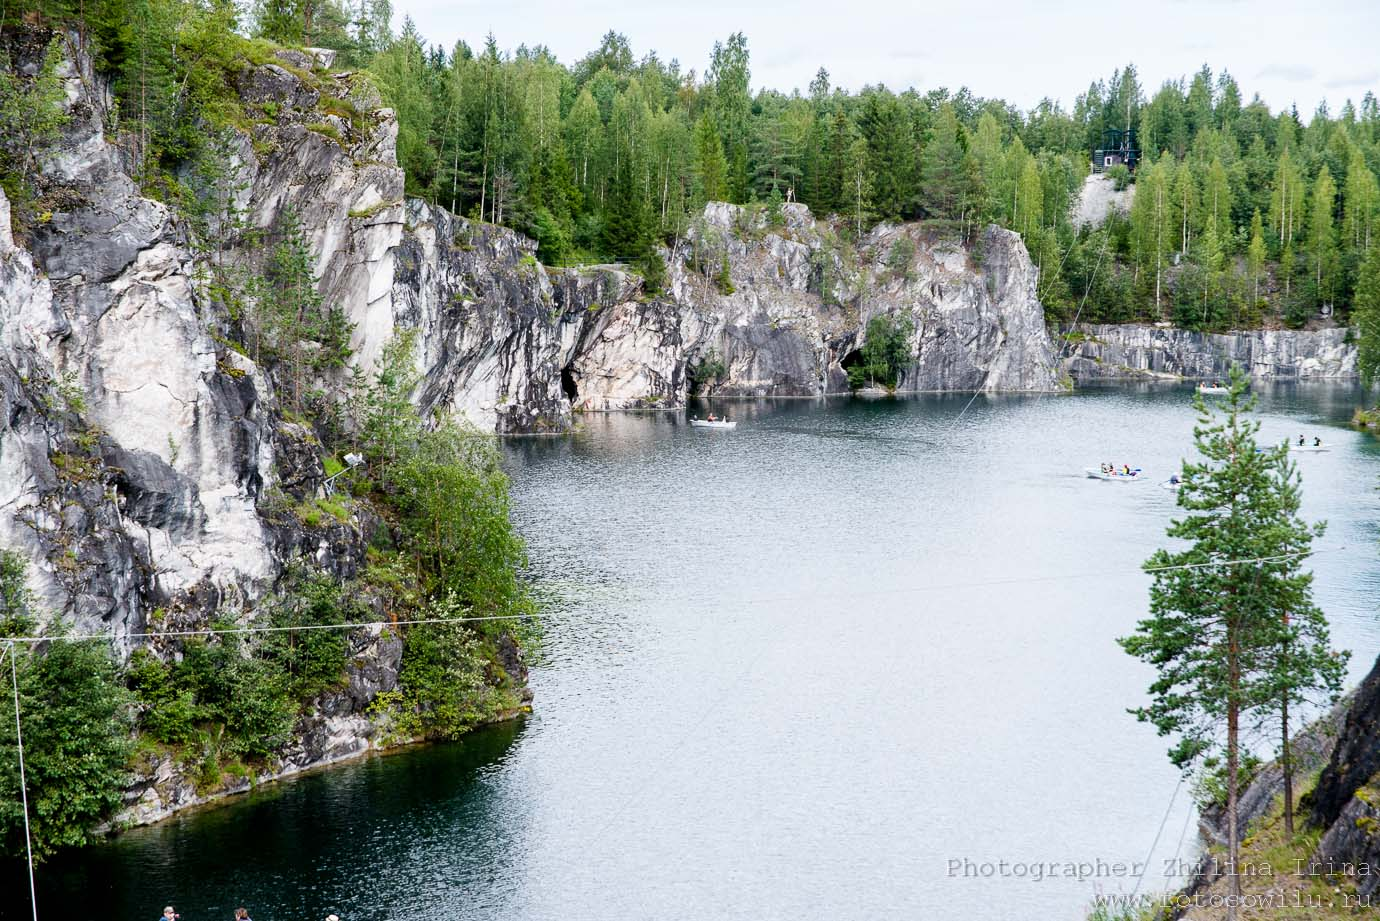 Горный парк, Карелия, горный парк, куда поехать отдыхать, отдых в России, что смотреть в России